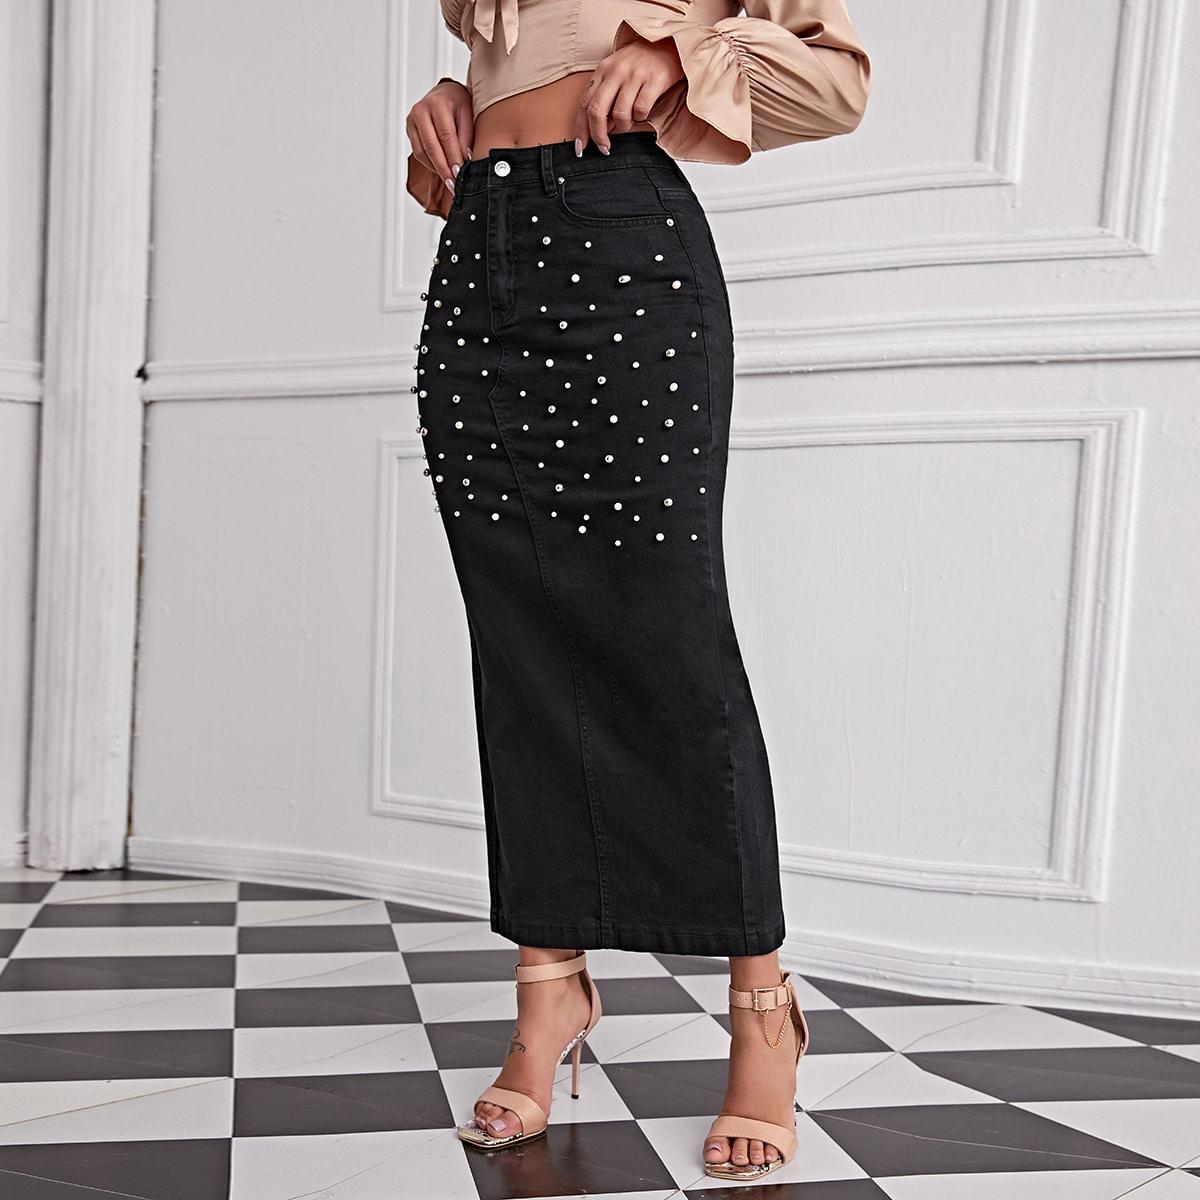 Джинсовая юбка с разрезом и жемчугом